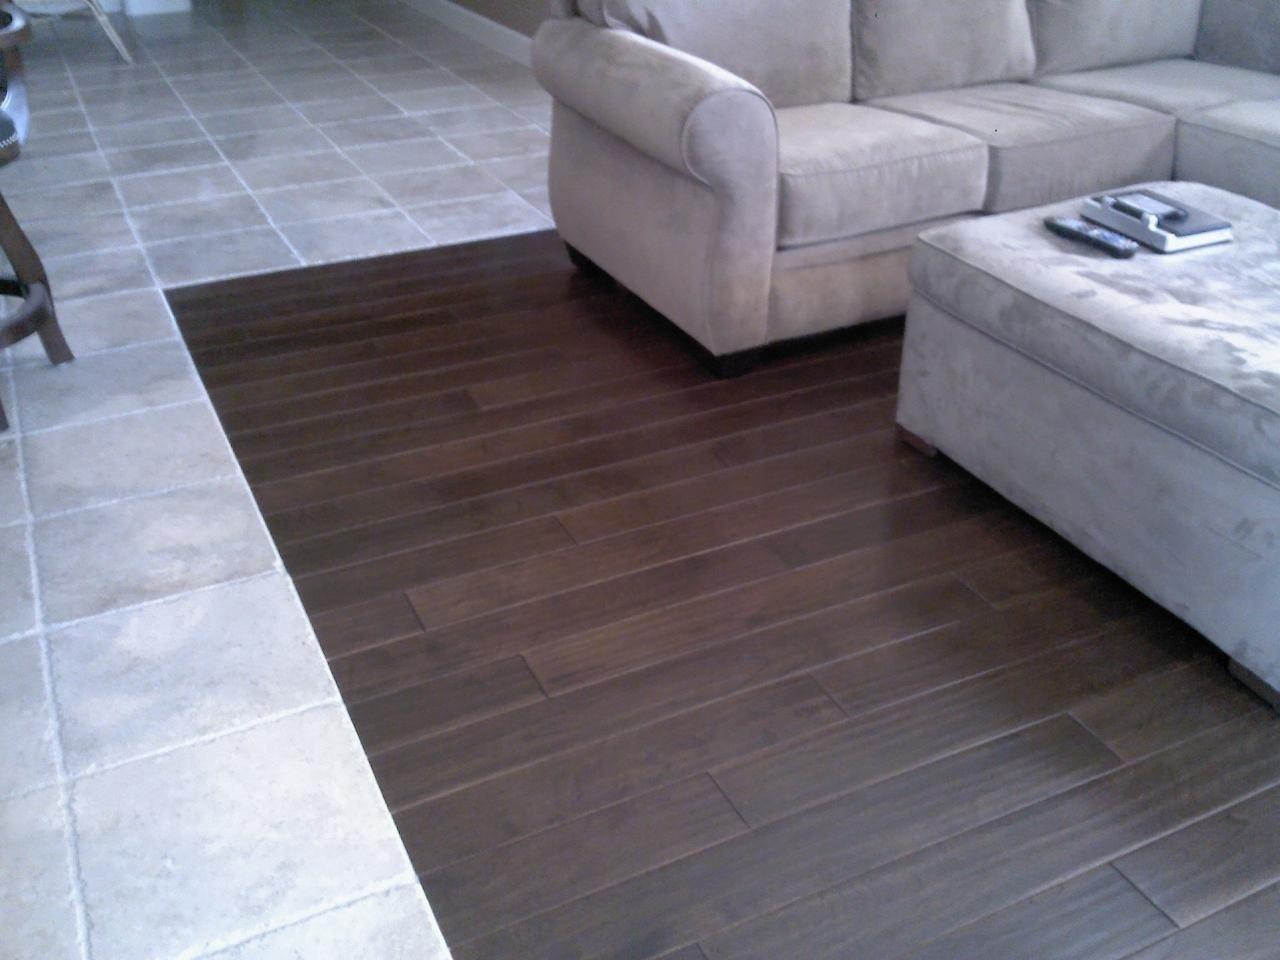 tile hardwood floor hardwood and tile combination flooring - youtube IUZAVKE